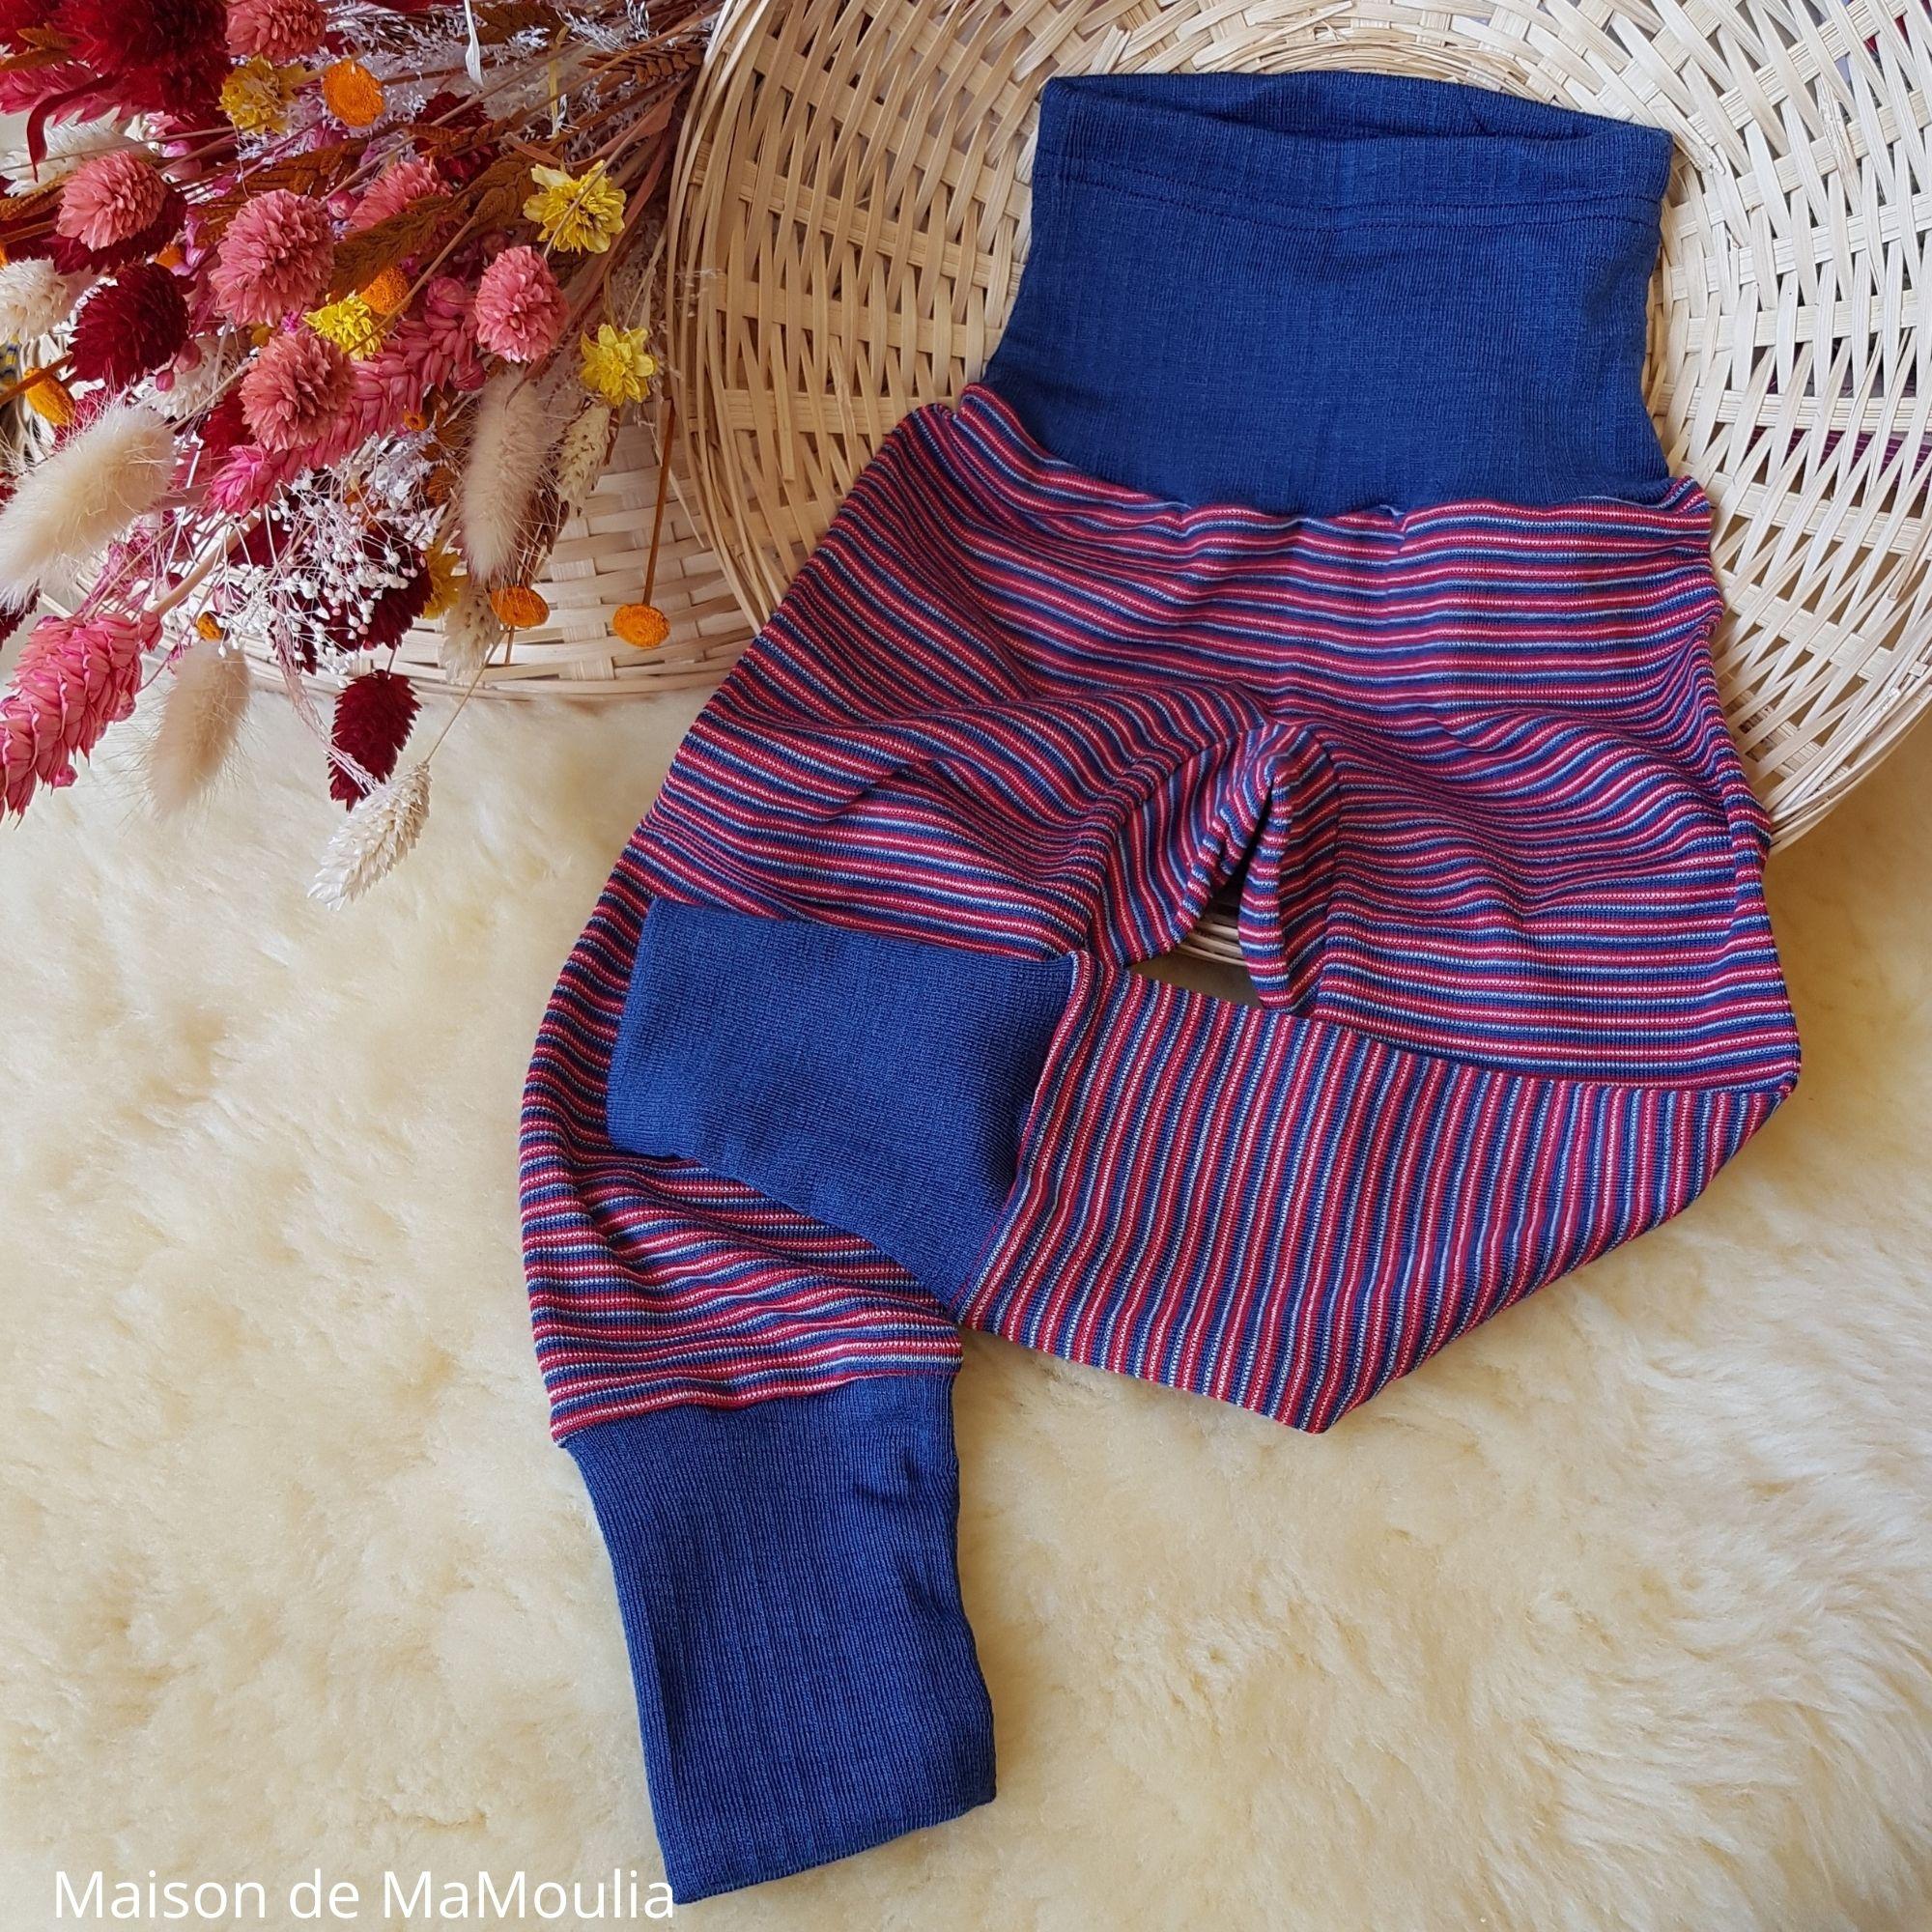 pantalon-taille-large-cosilana-laine-soie-bio-bebe-enfant-maison-de-mamoulia-rayures-rouge-bleu-